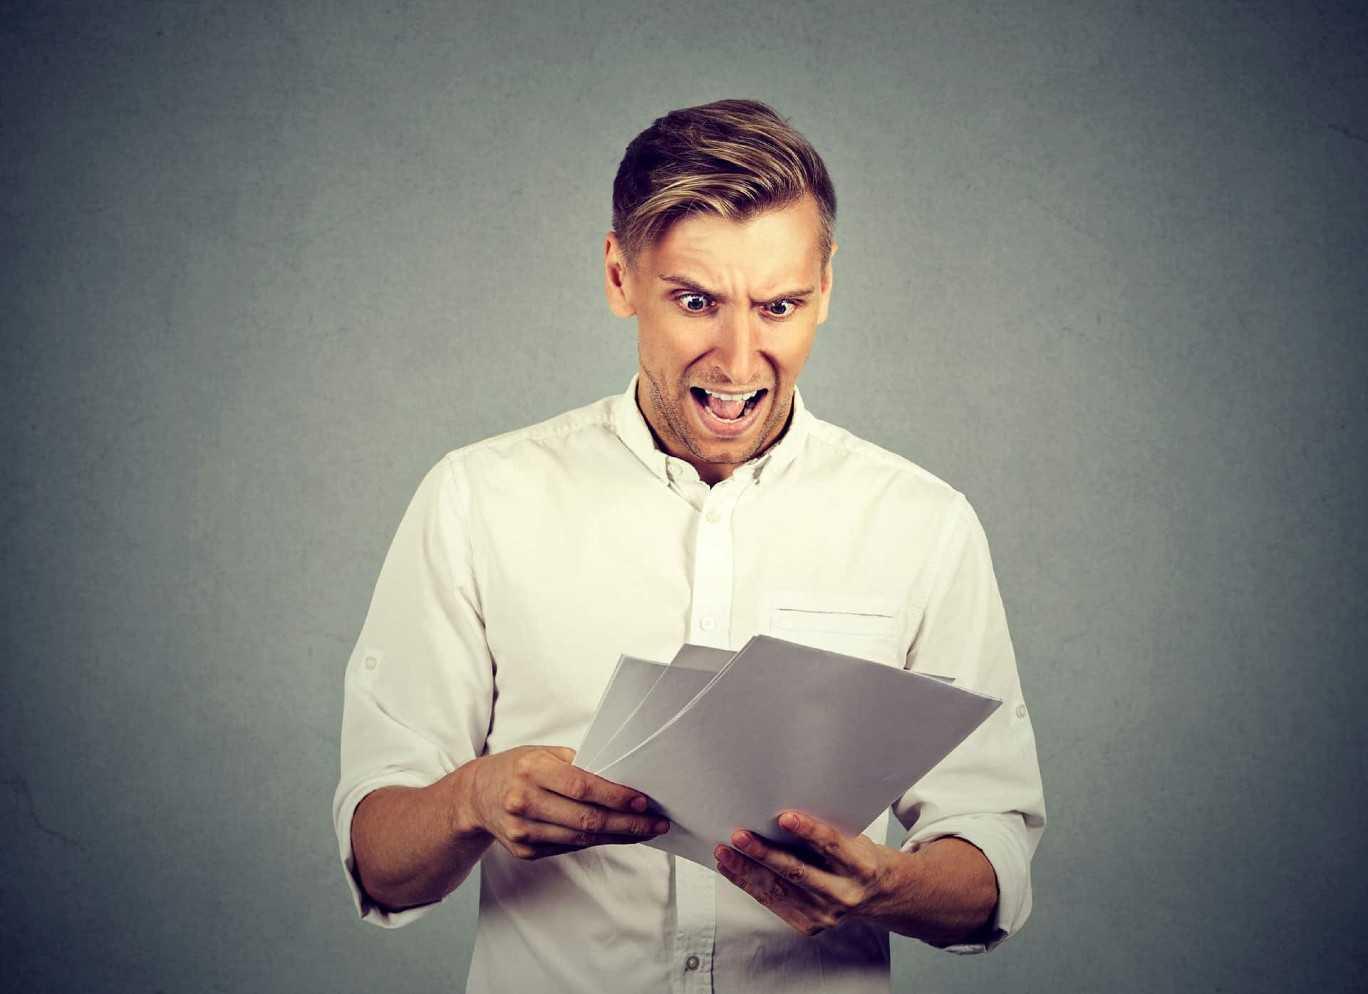 Man Suprised By Tax Return